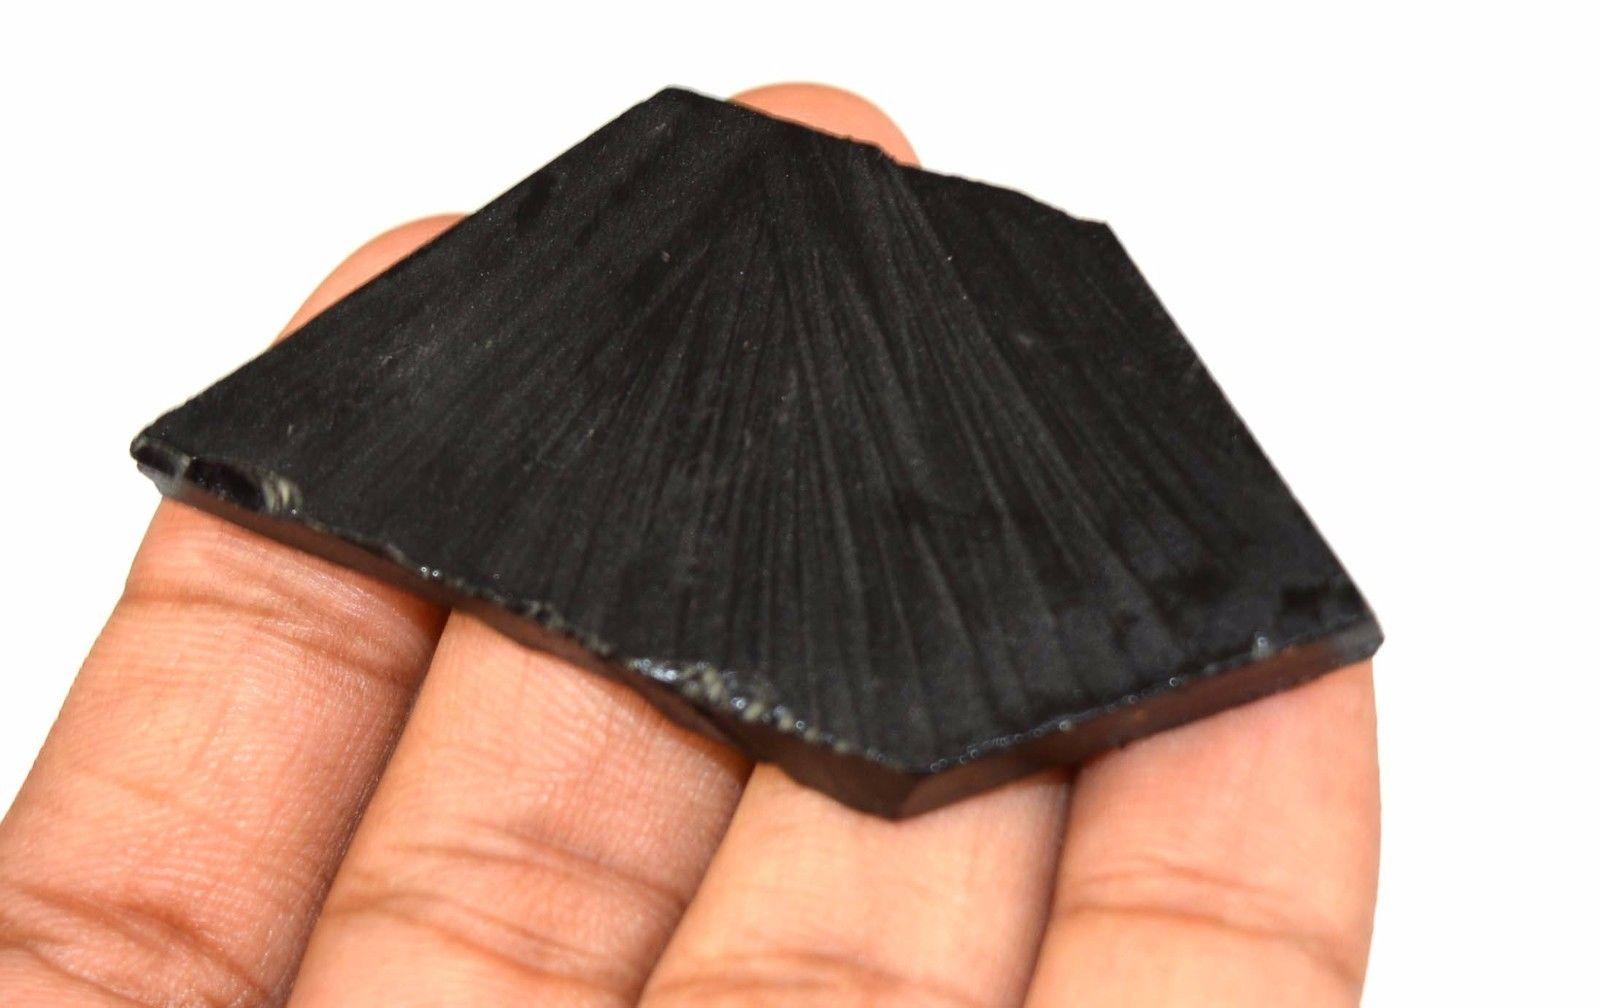 אוניקס שחור גלם לליטוש (ברזיל) 97 קרט